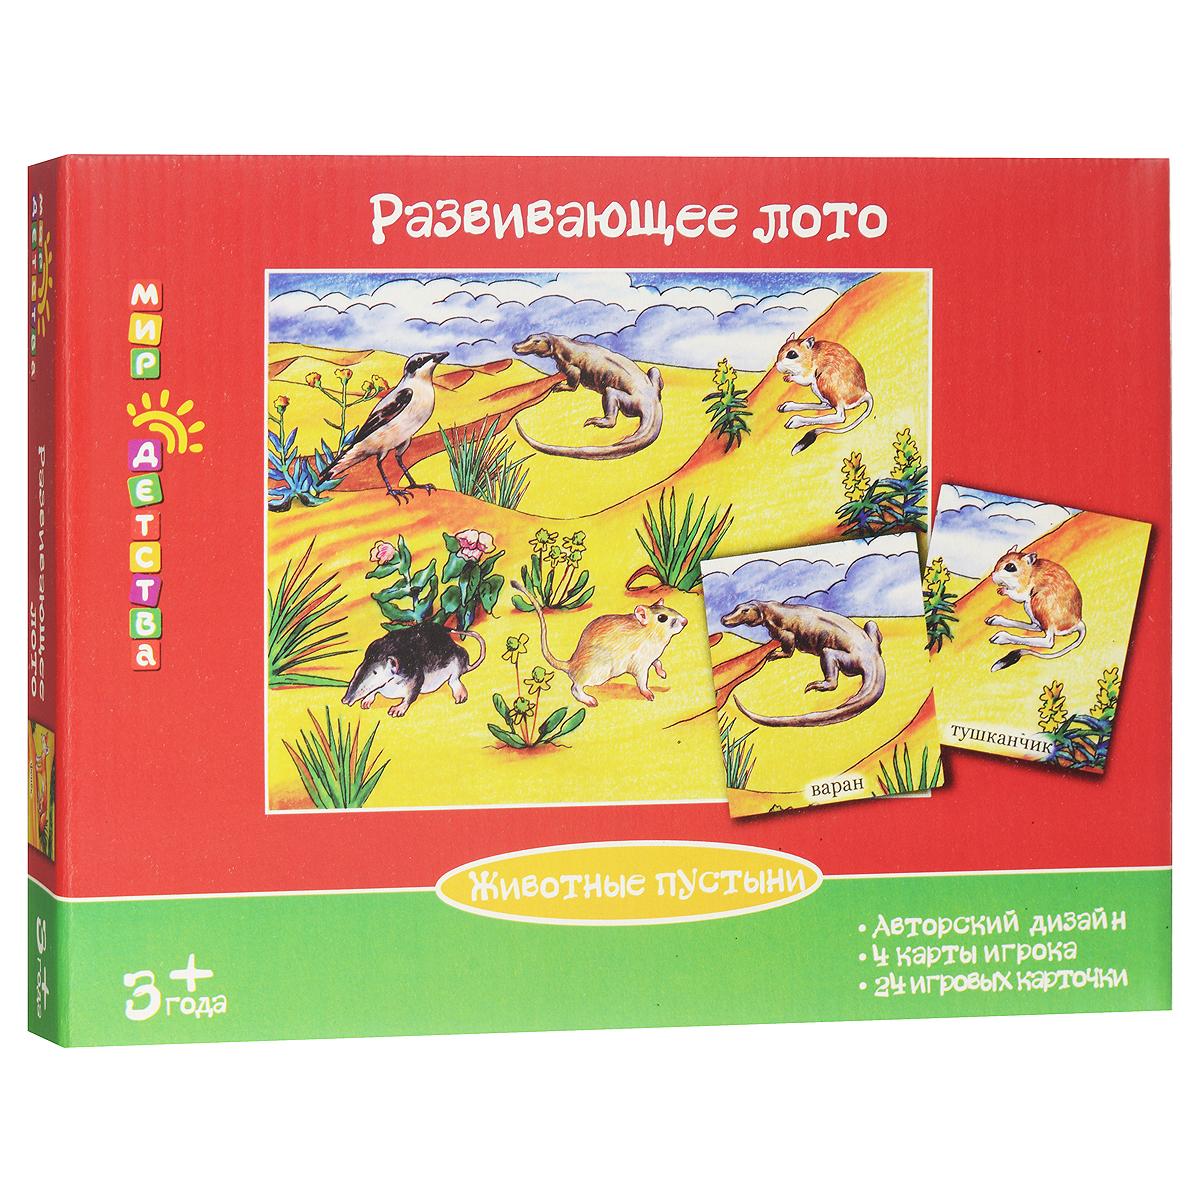 Развивающее лото Животные пустыни28061Развивающее лото Животные пустыни понравится вашему ребенку и позволит с пользой провести время. Комплект включает 4 карты игрока, 24 игровых карточки и буклет с правилами игры на русском языке. Элементы лото оформлены изображениями животных пустыни с соответствующими подписями на карточках. Лото Животные пустыни является прекрасным материалом для игры, сочетающим в себе достоинство традиционного лото и разрезных картинок. Лото развивает многие способности детей: внимание, память и главное - произвольность, т.е. способность соблюдать общие для всех правила. Знакомство с новыми для ребенка животными в увлекательной игровой форме расширяет кругозор. Данный материал выгодно отличается от традиционного лото тем, что достаточно крупные и выразительные картинки открывают богатые возможности для разнообразных занятий. Их можно складывать в любом порядке, создавать большие картины леса или тайги, можно подбирать соседей, друзей или врагов, сочинять с ними разные истории и так...